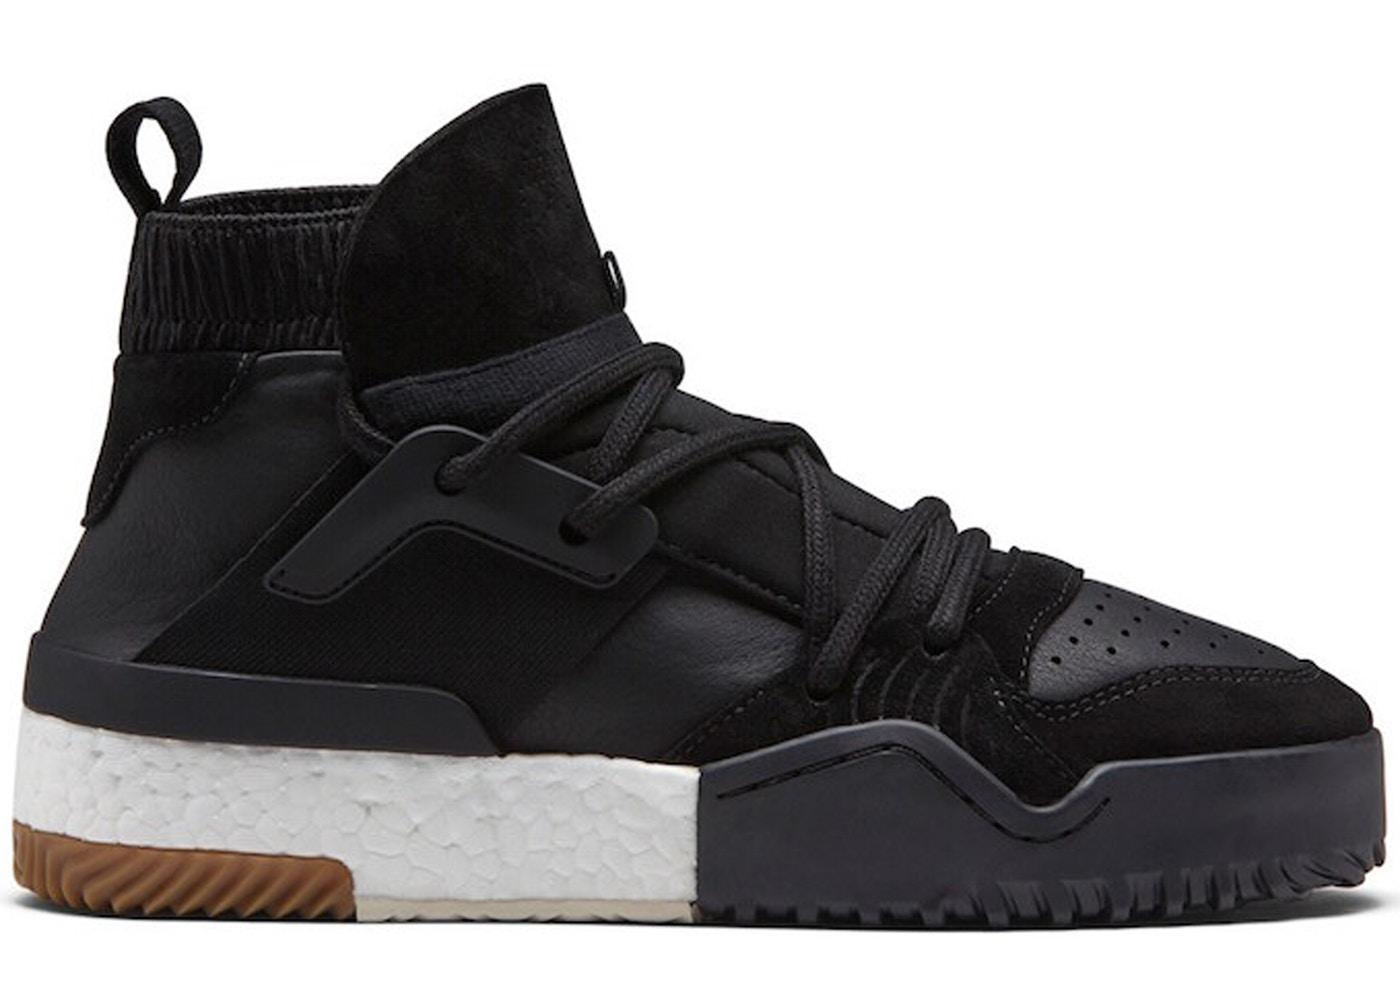 Alexander Wang x Adidas AW BBall Black CM7823 Men Sneaker